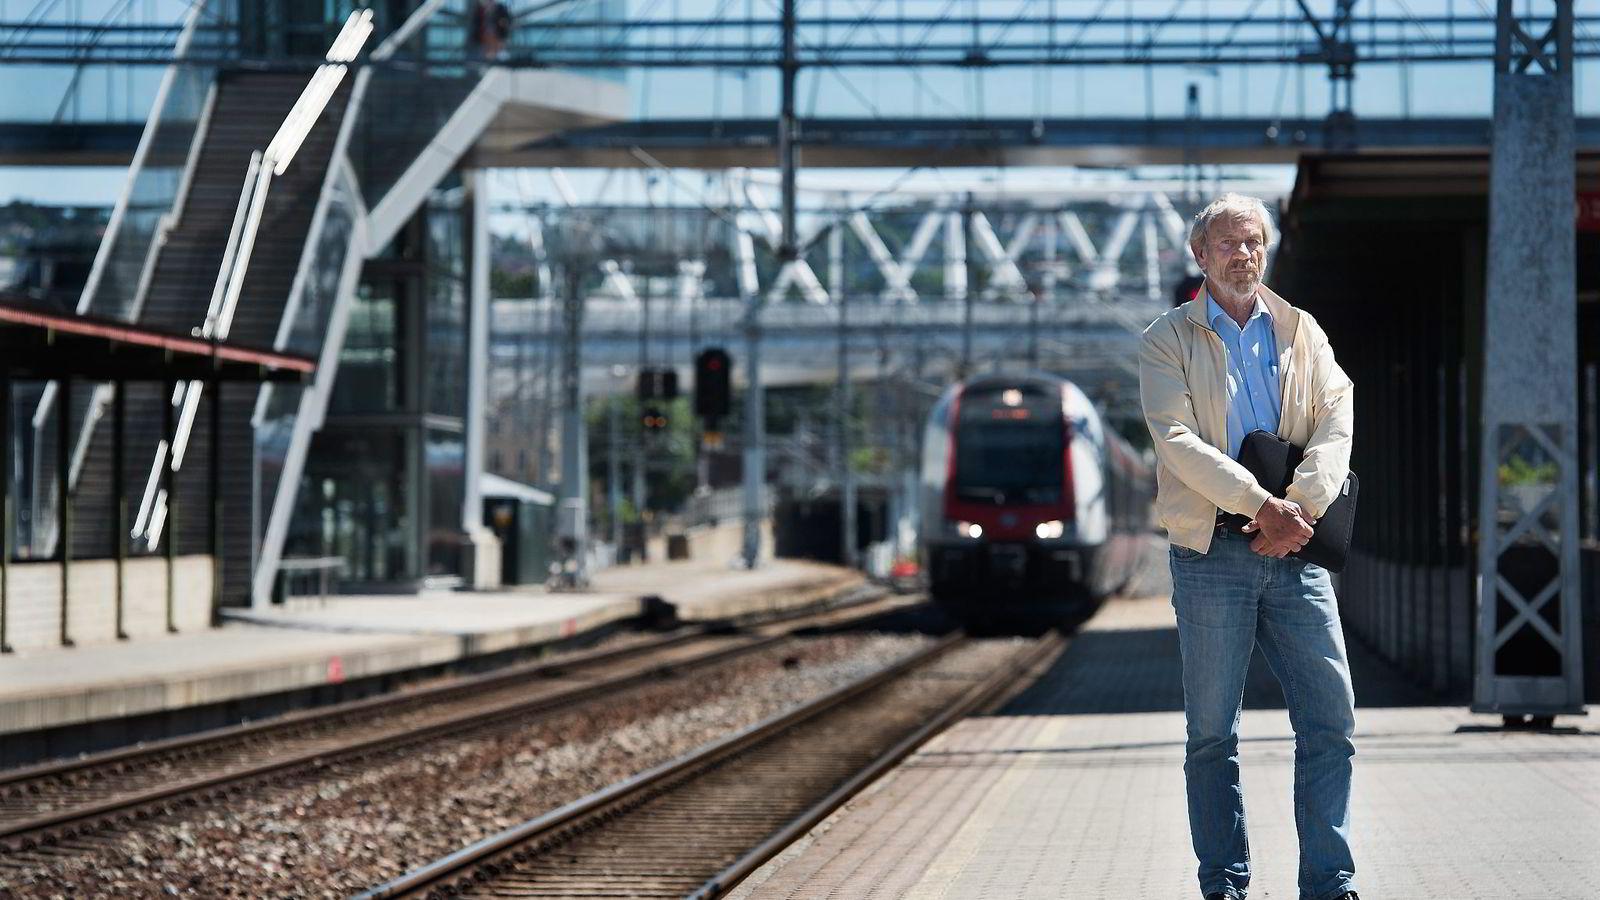 Regionsjef Arild Hammer i Direktoratet for samfunnssikkerhet og beredskap mener Jernbaneverkets ledelse i ytterste konsekvens leker med liv.